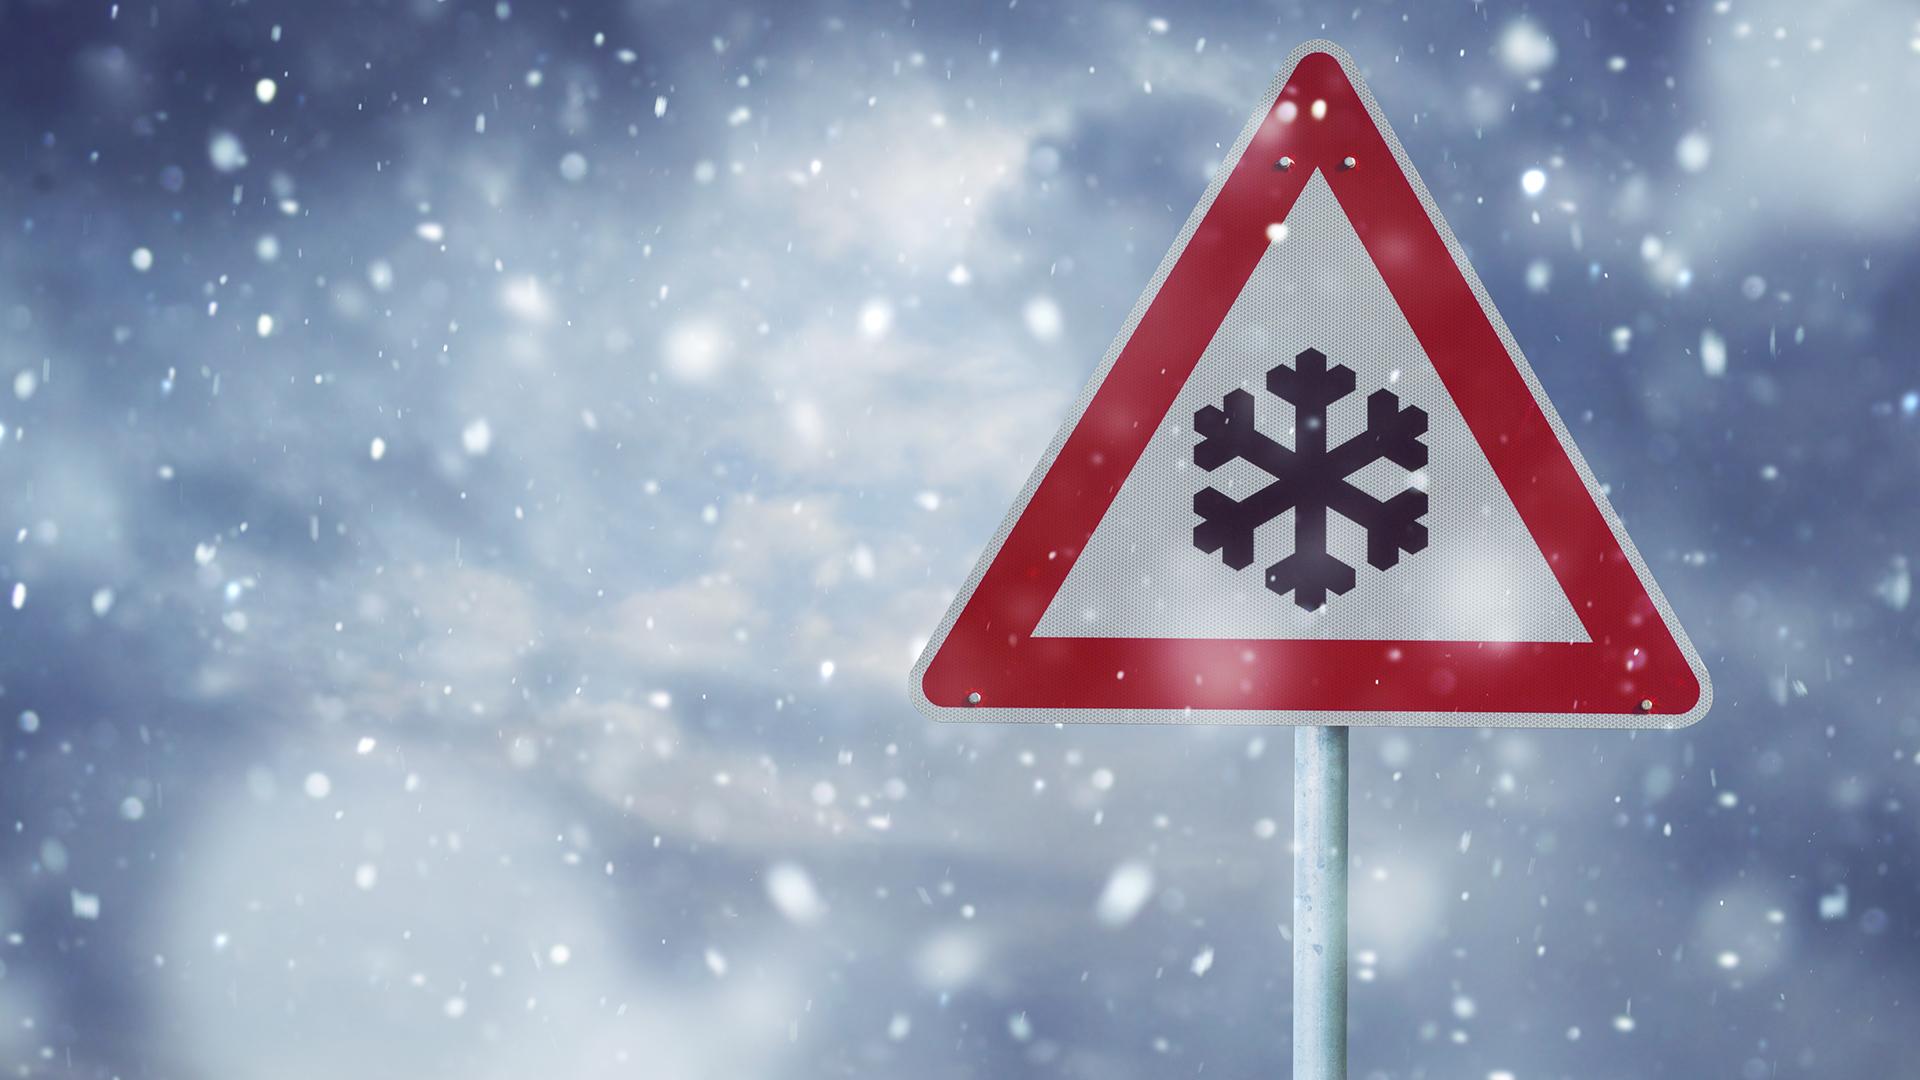 Schneedruckschaden Versicherung Rechtsanwalt